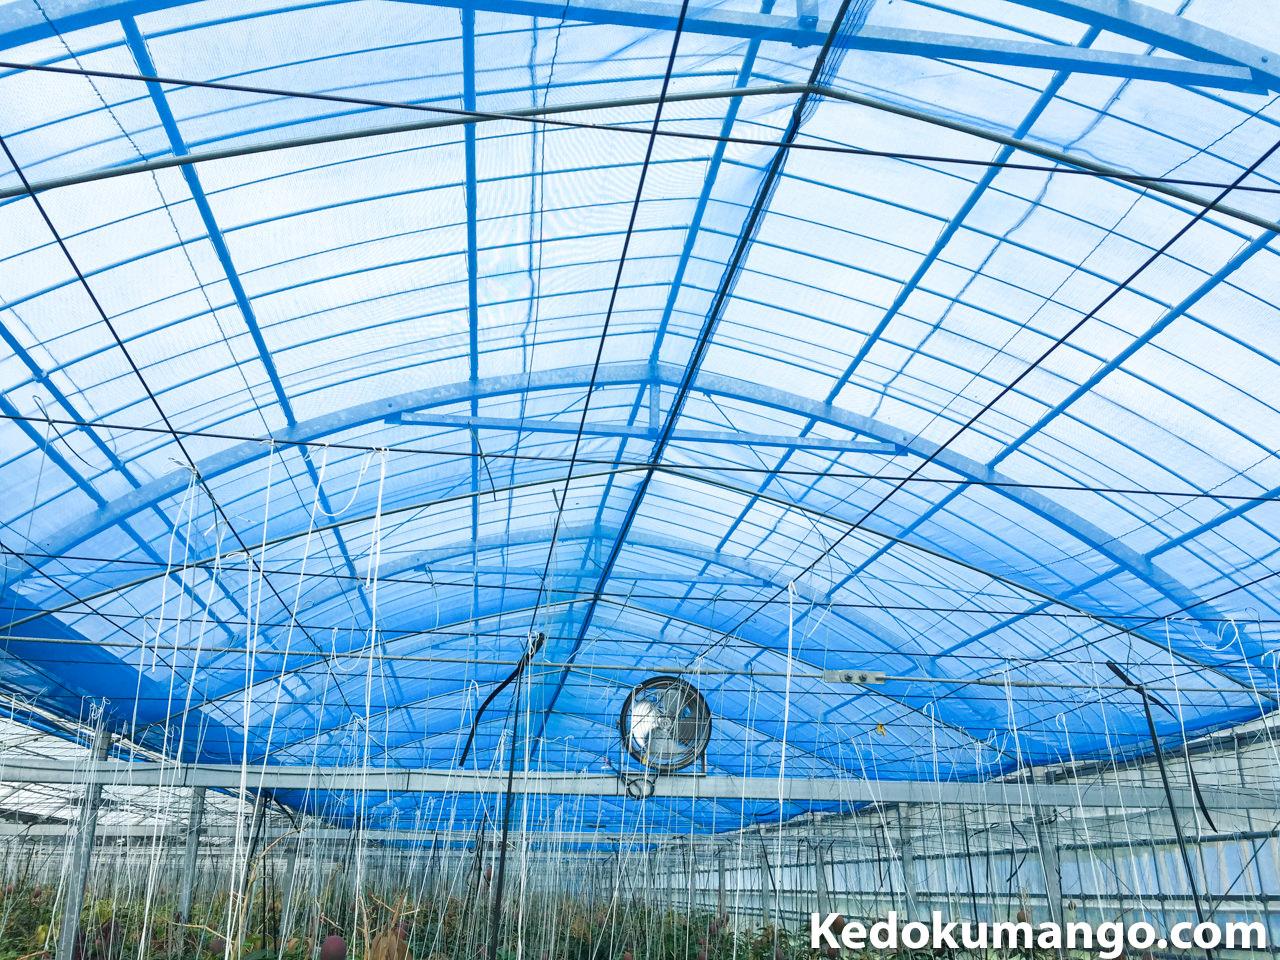 マンゴー栽培のビニールハウスで遮光ネットをおろした状態